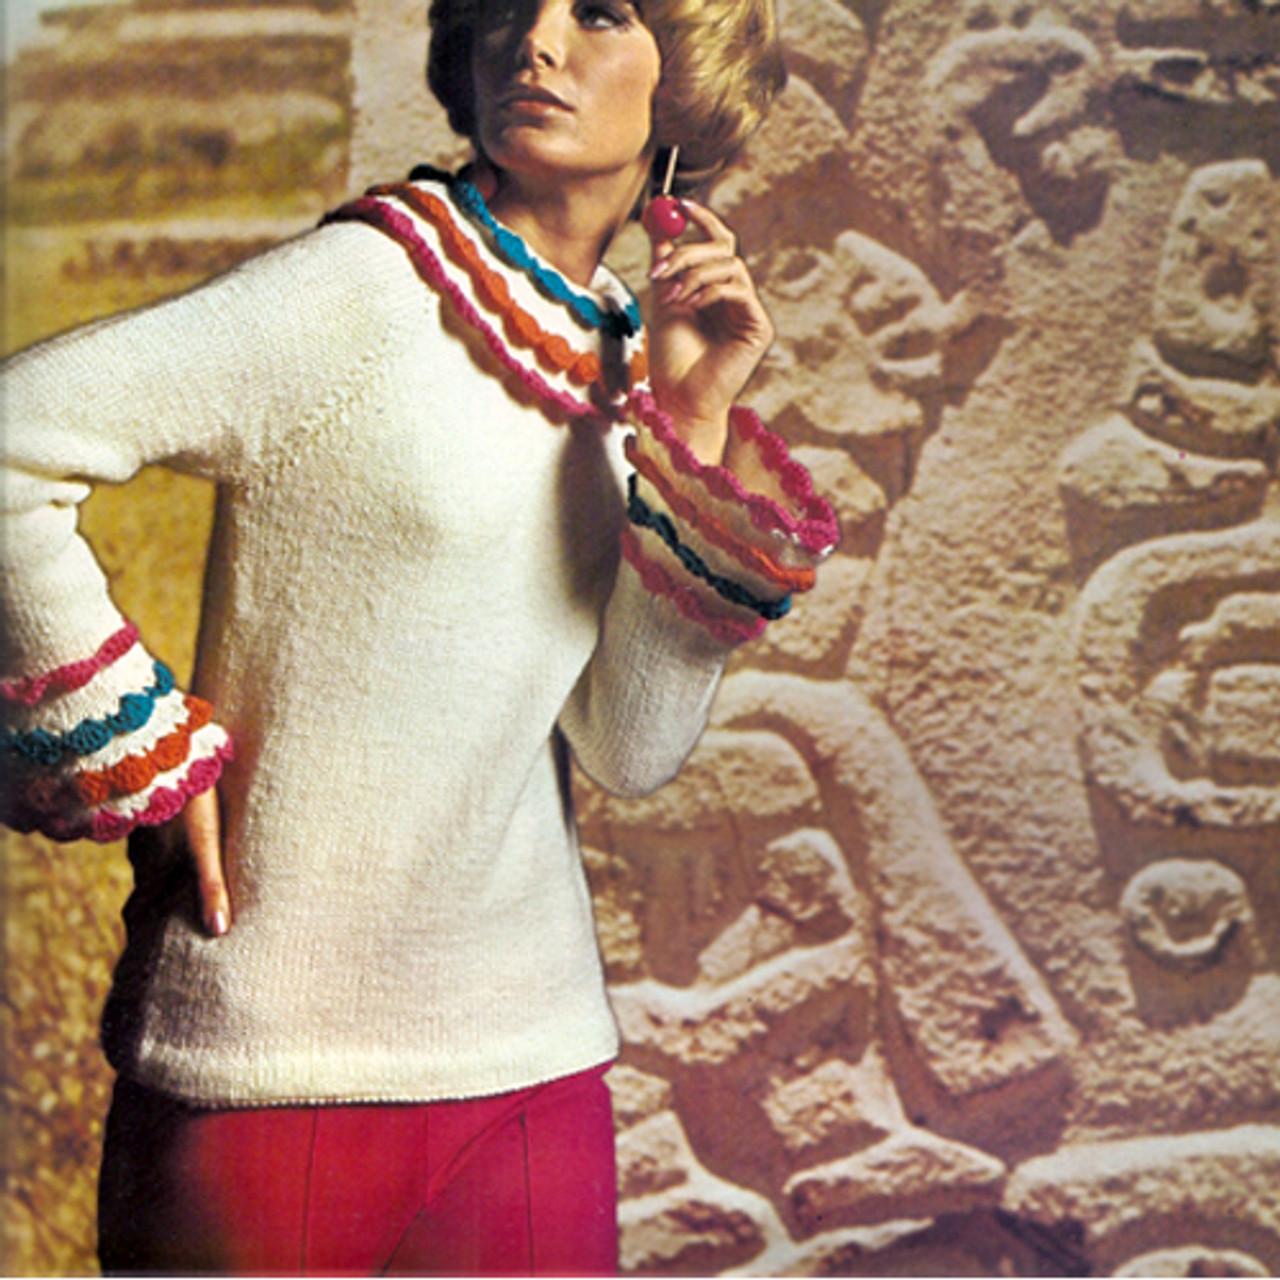 Knitting Pattern, Raglan Sweater in Nantuk Worsted